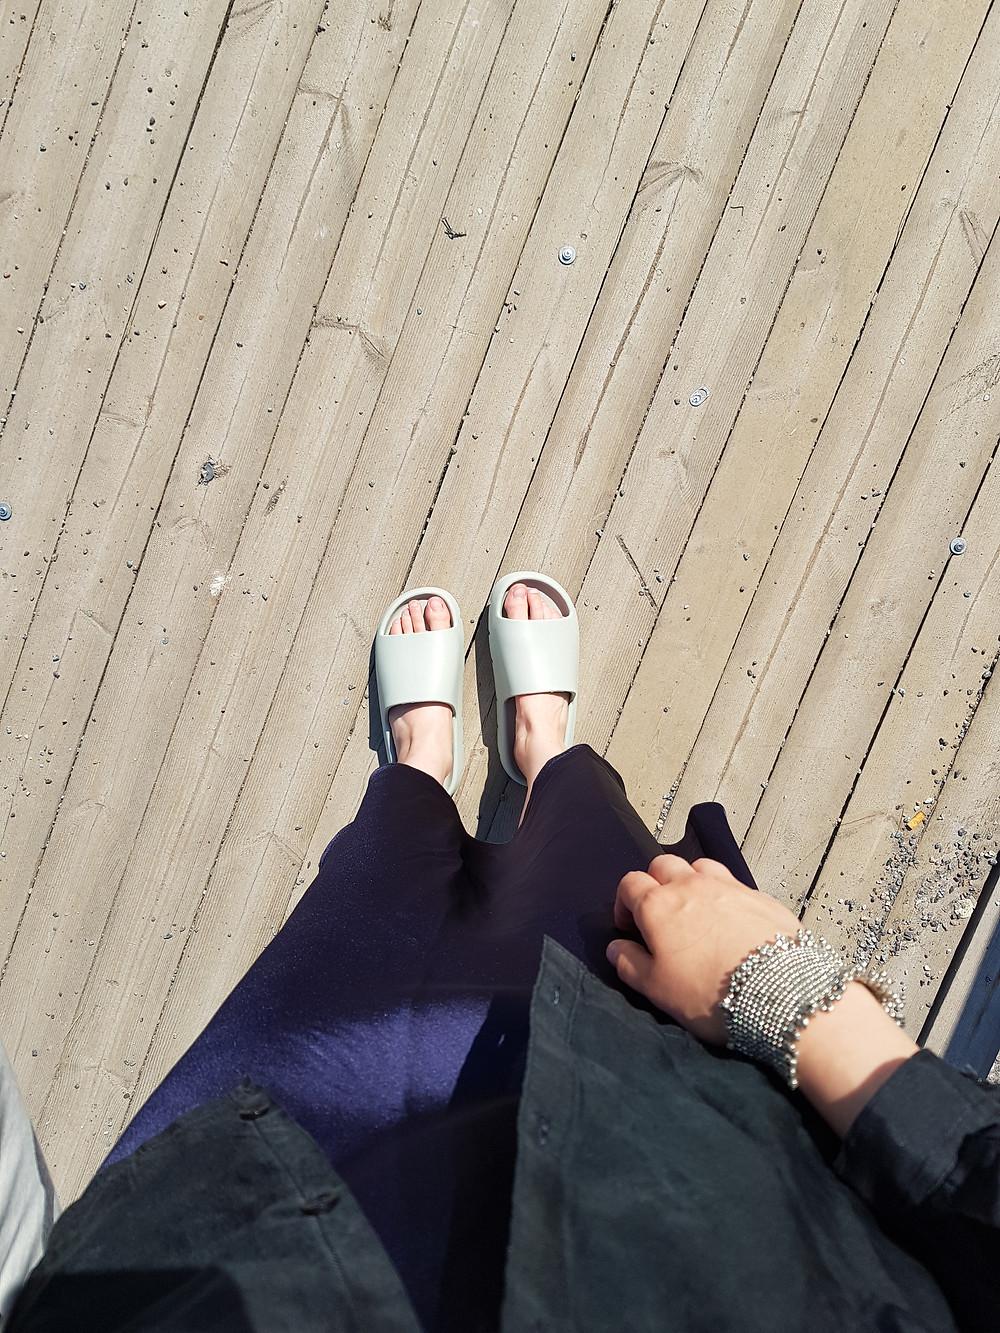 Kuva on otettu jaloistani. Päälläni on mintunvihreät muoviset sandaalit, tummansininen satiinihame, musta silkkikauluspaita ja kädessä hopeisista helmistä tehty leveä käsikoru.